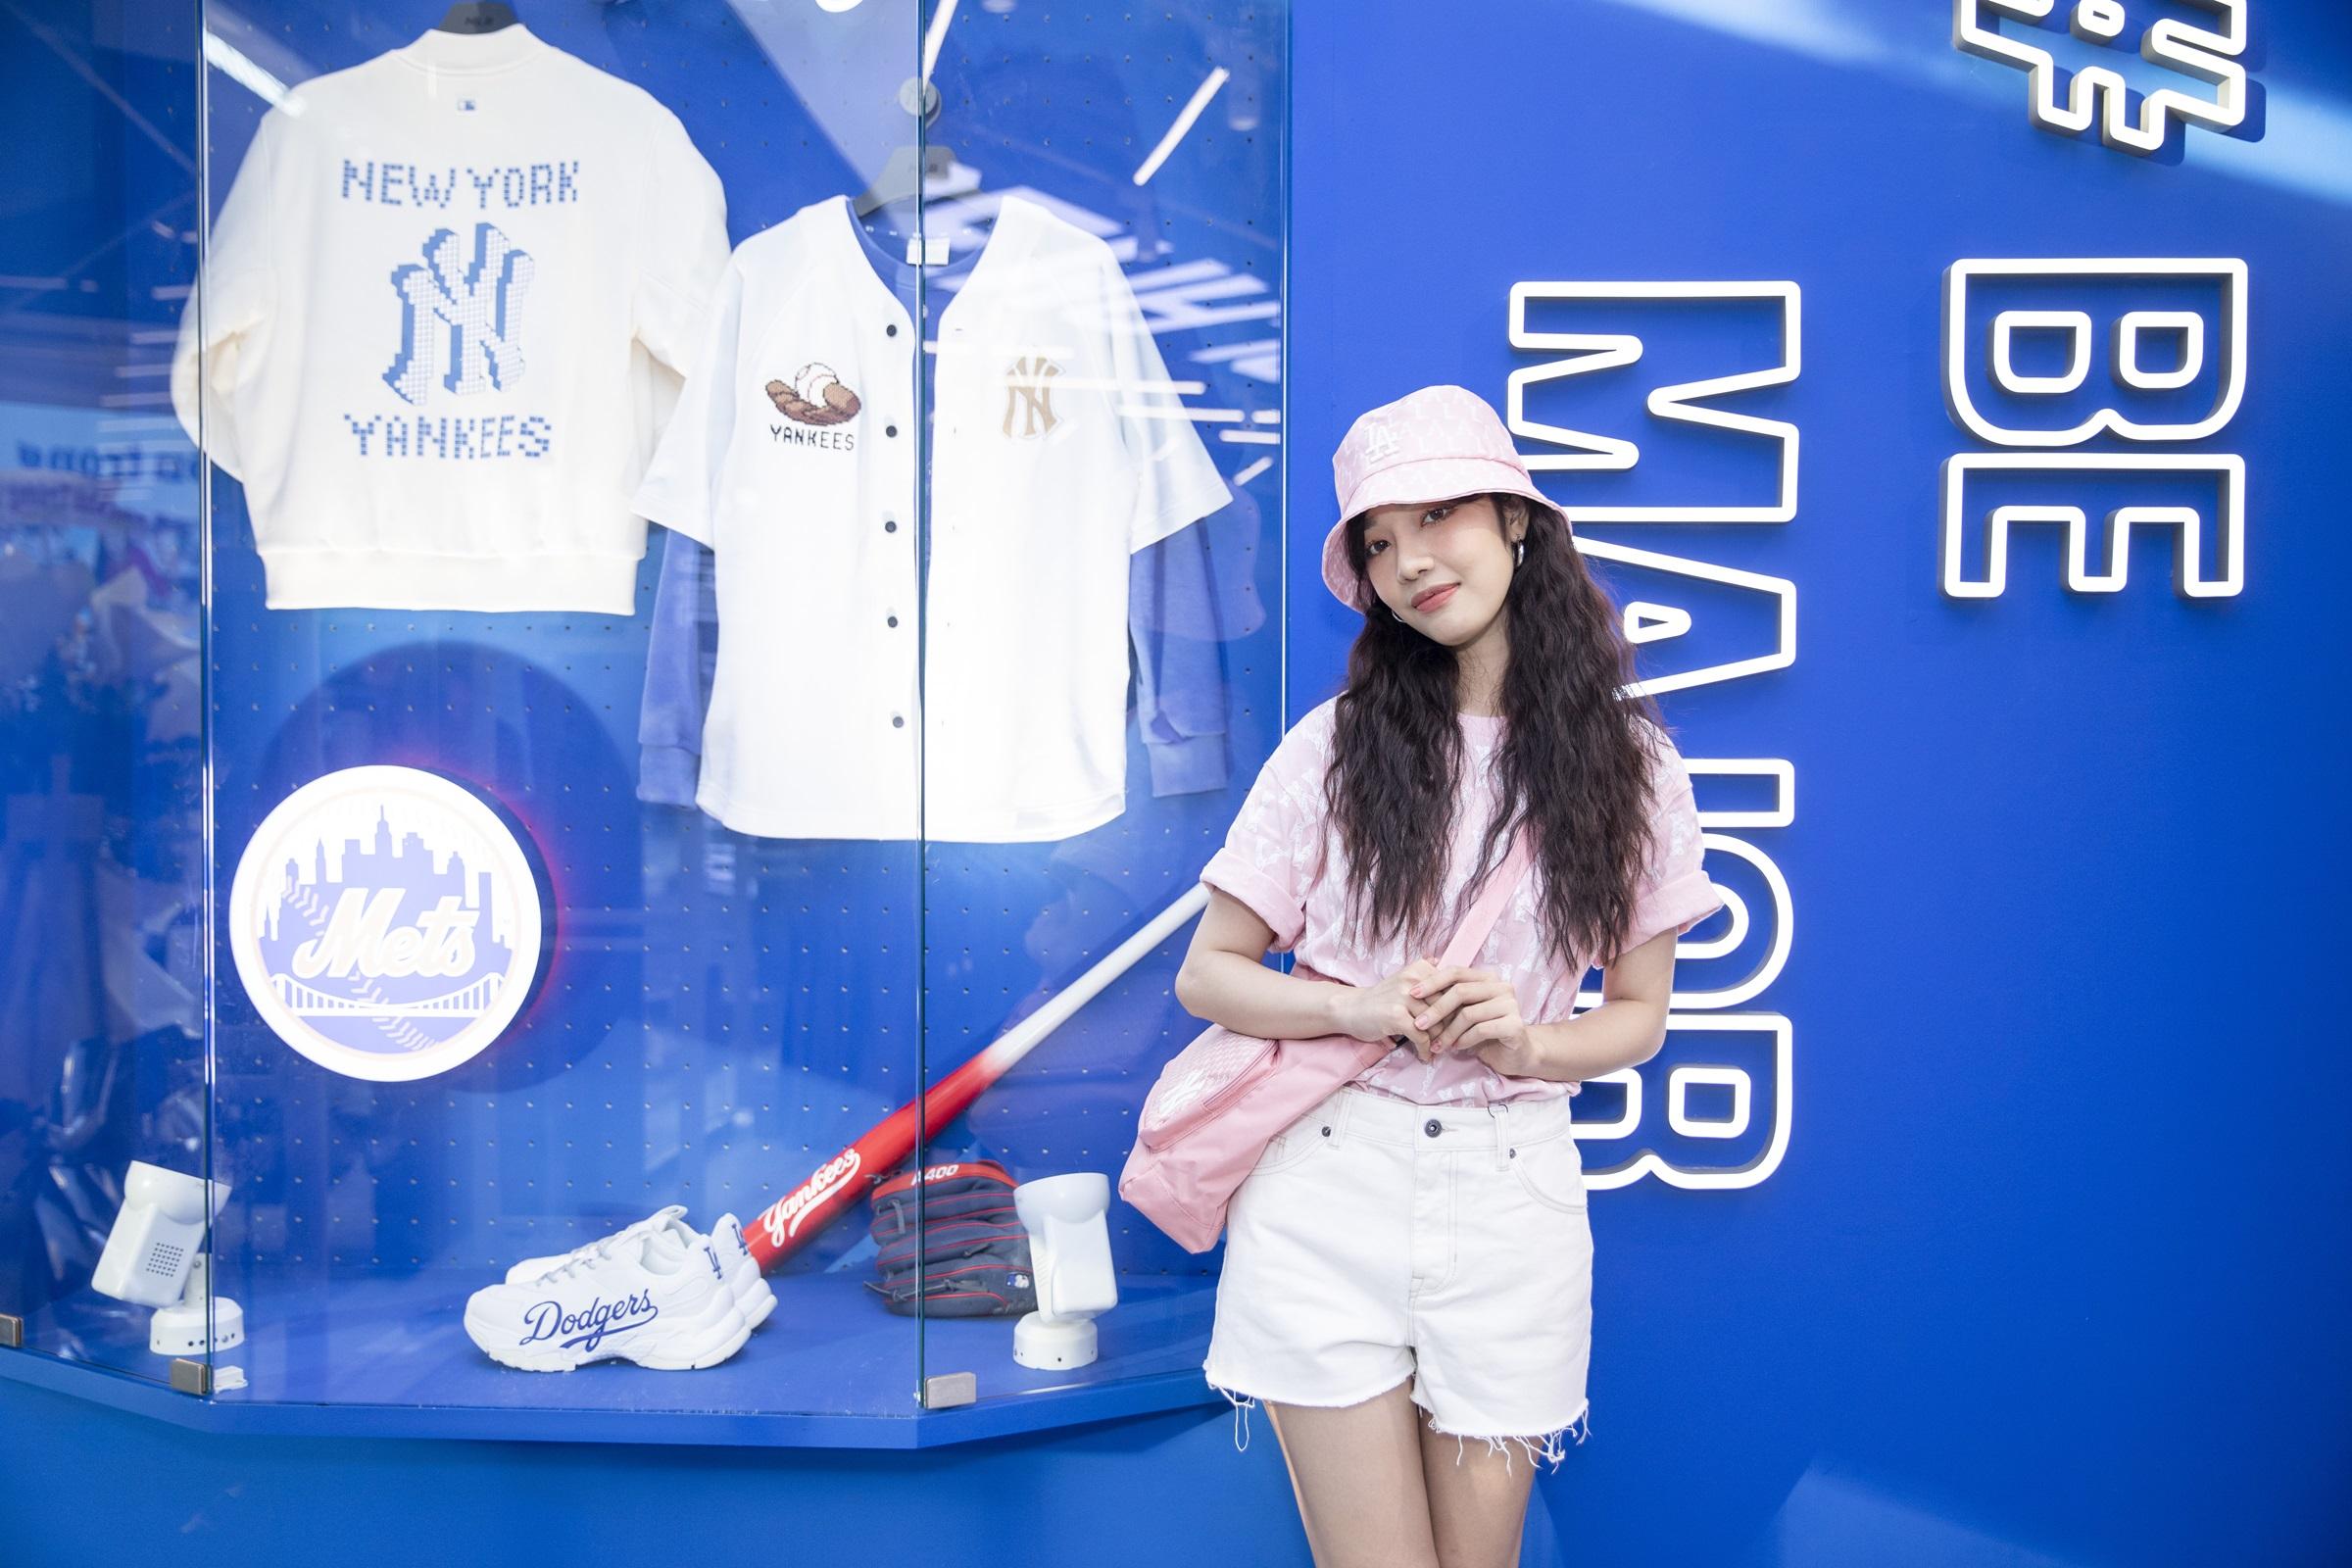 Trái với phong cách nữ tính thường ngày, Hoàng Duyên xuất hiện năng động và cá tính với loạt item từ MLB.